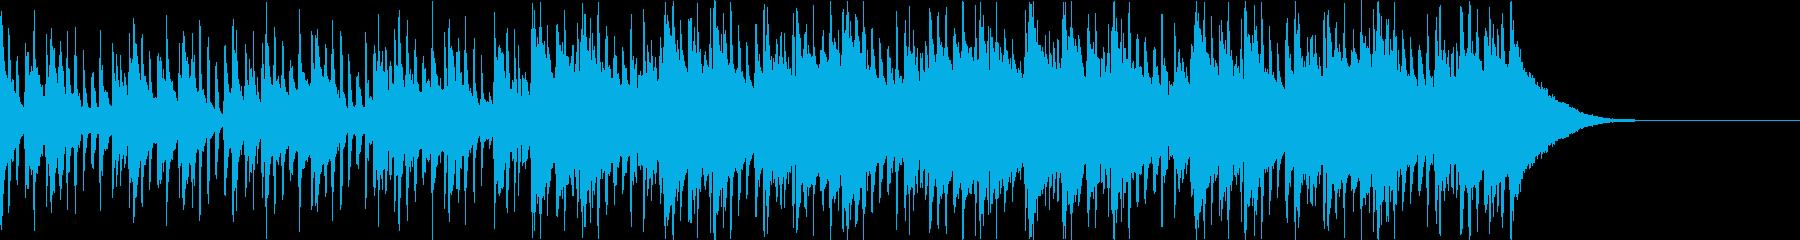 Pf「唐突」和風現代ジャズの再生済みの波形